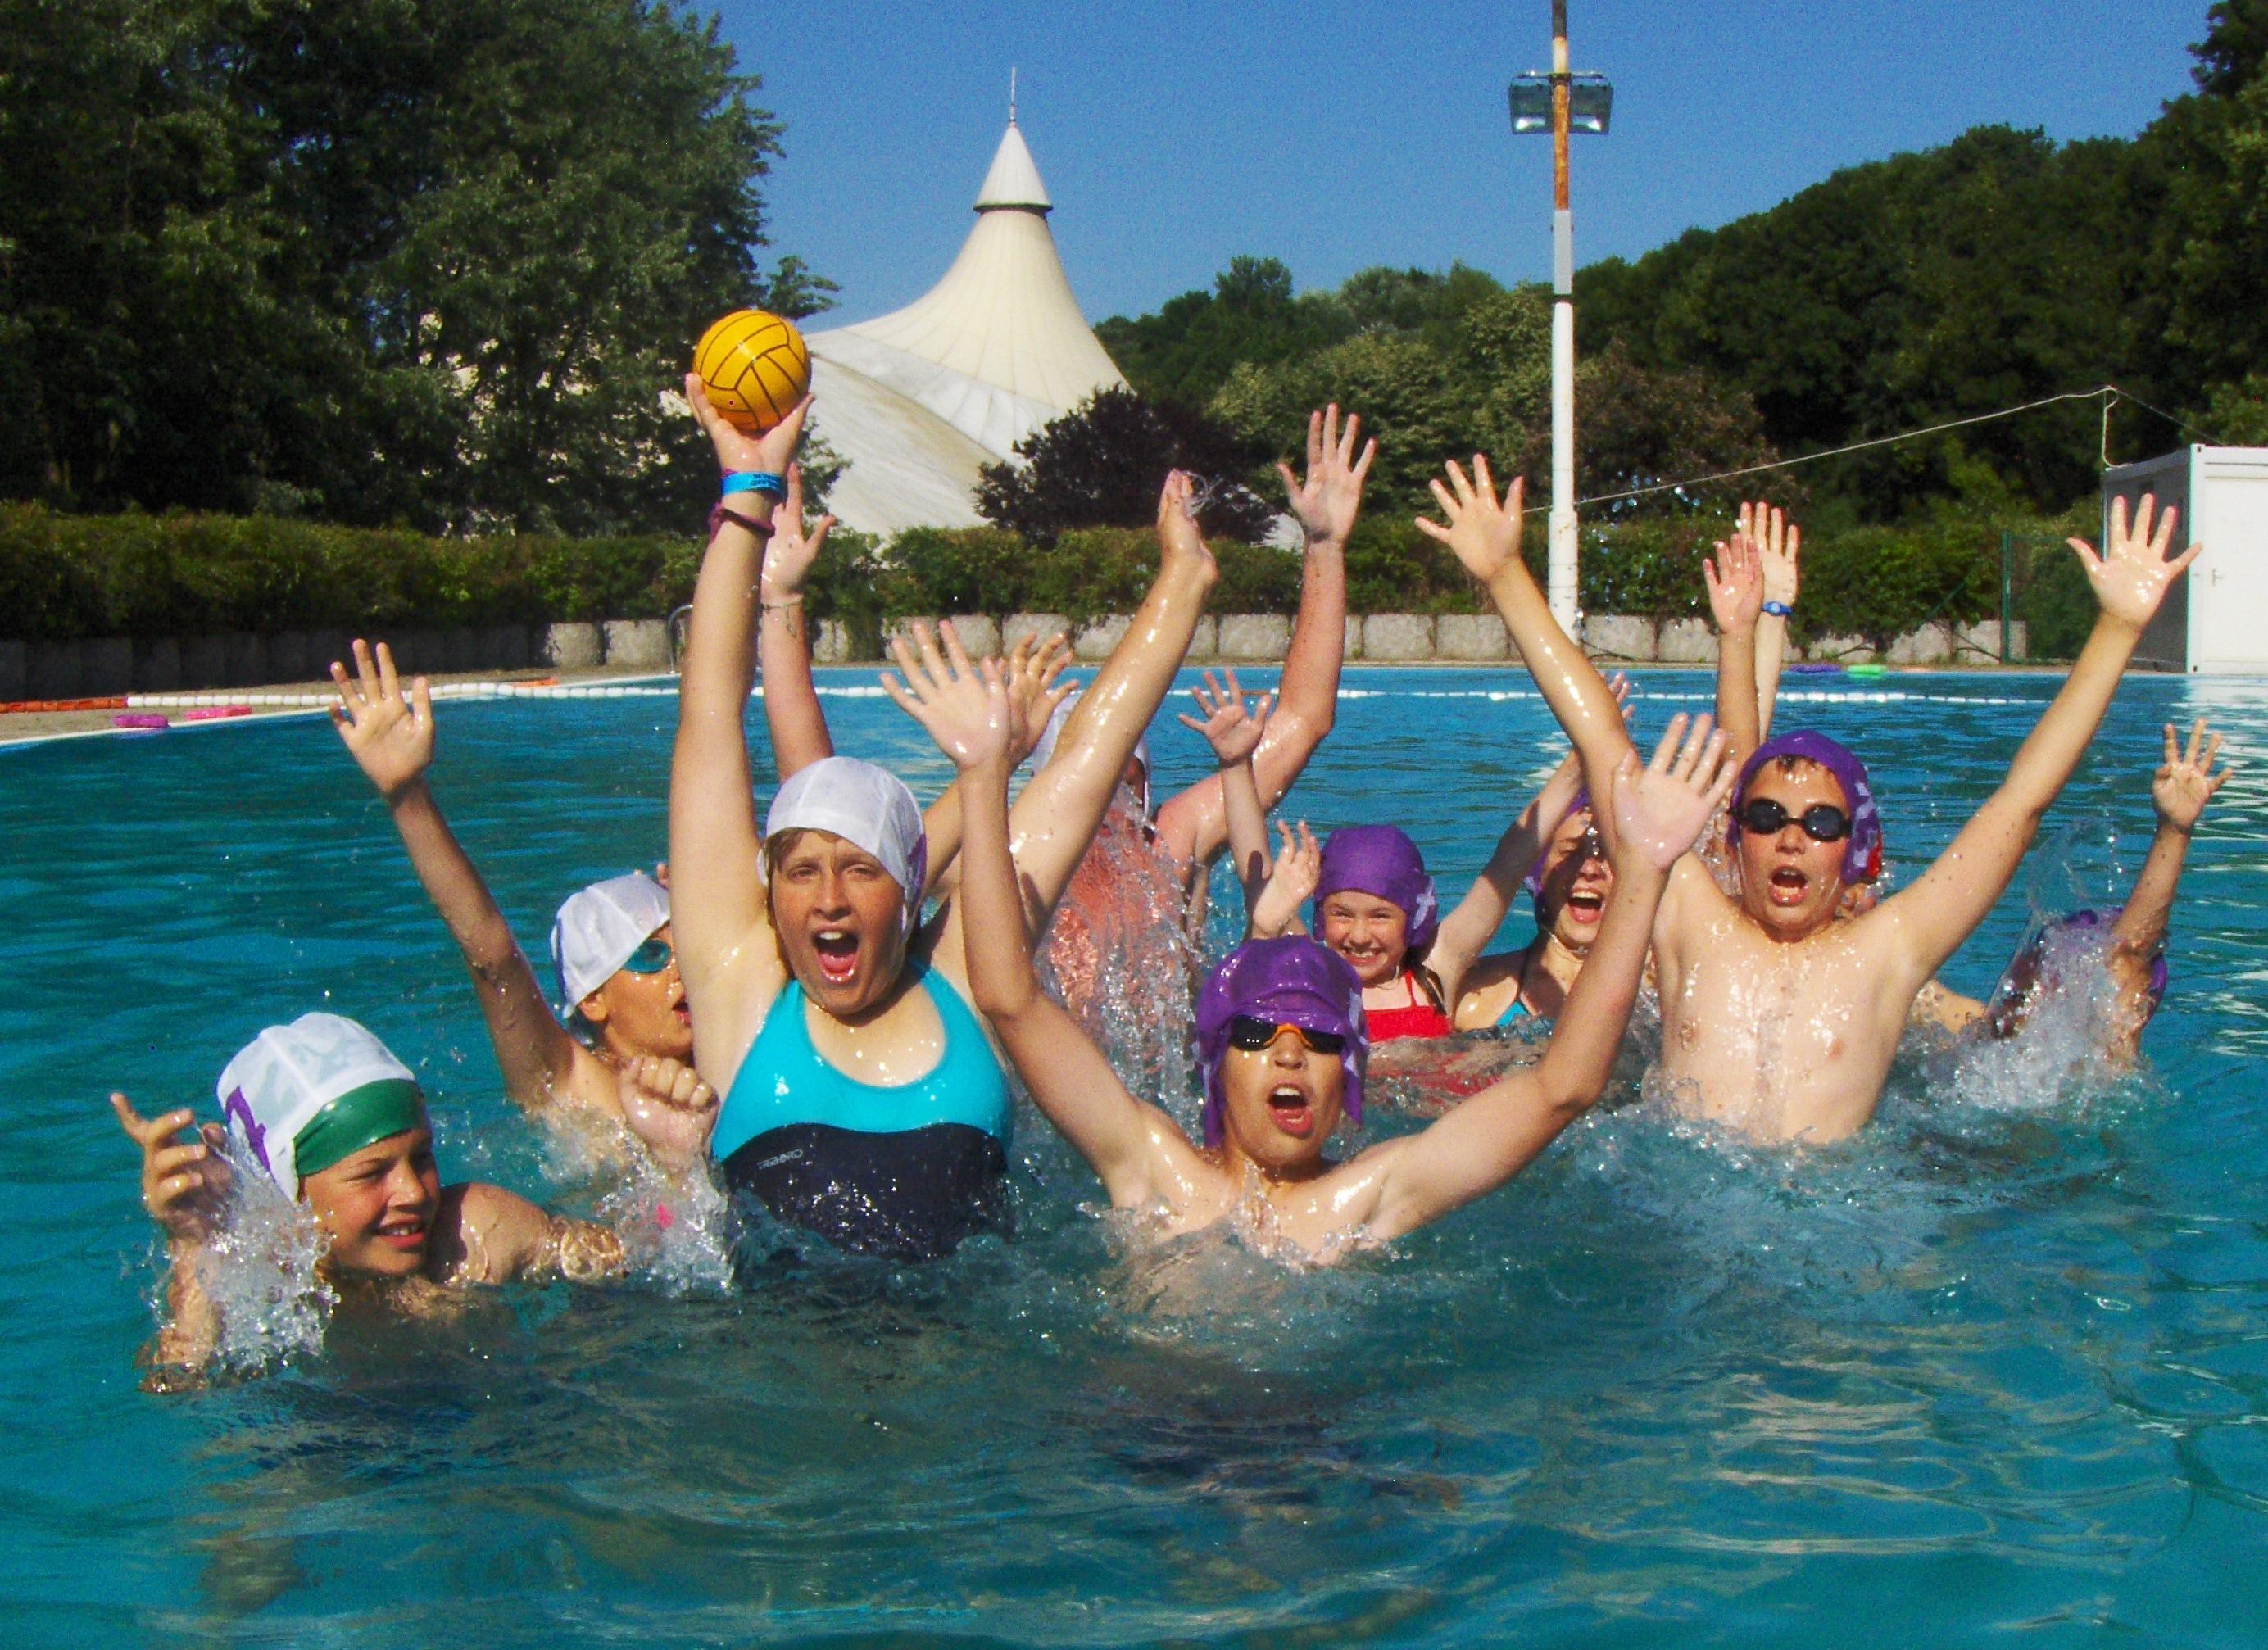 Nyári Gyerektábor, lovastábor, úszótábor, biciklis tábor, tenisz tábor, nyári gyerekprogramok, sportantropometria vizsgálat, utazás kiállítás nyári gyerekprogramok,